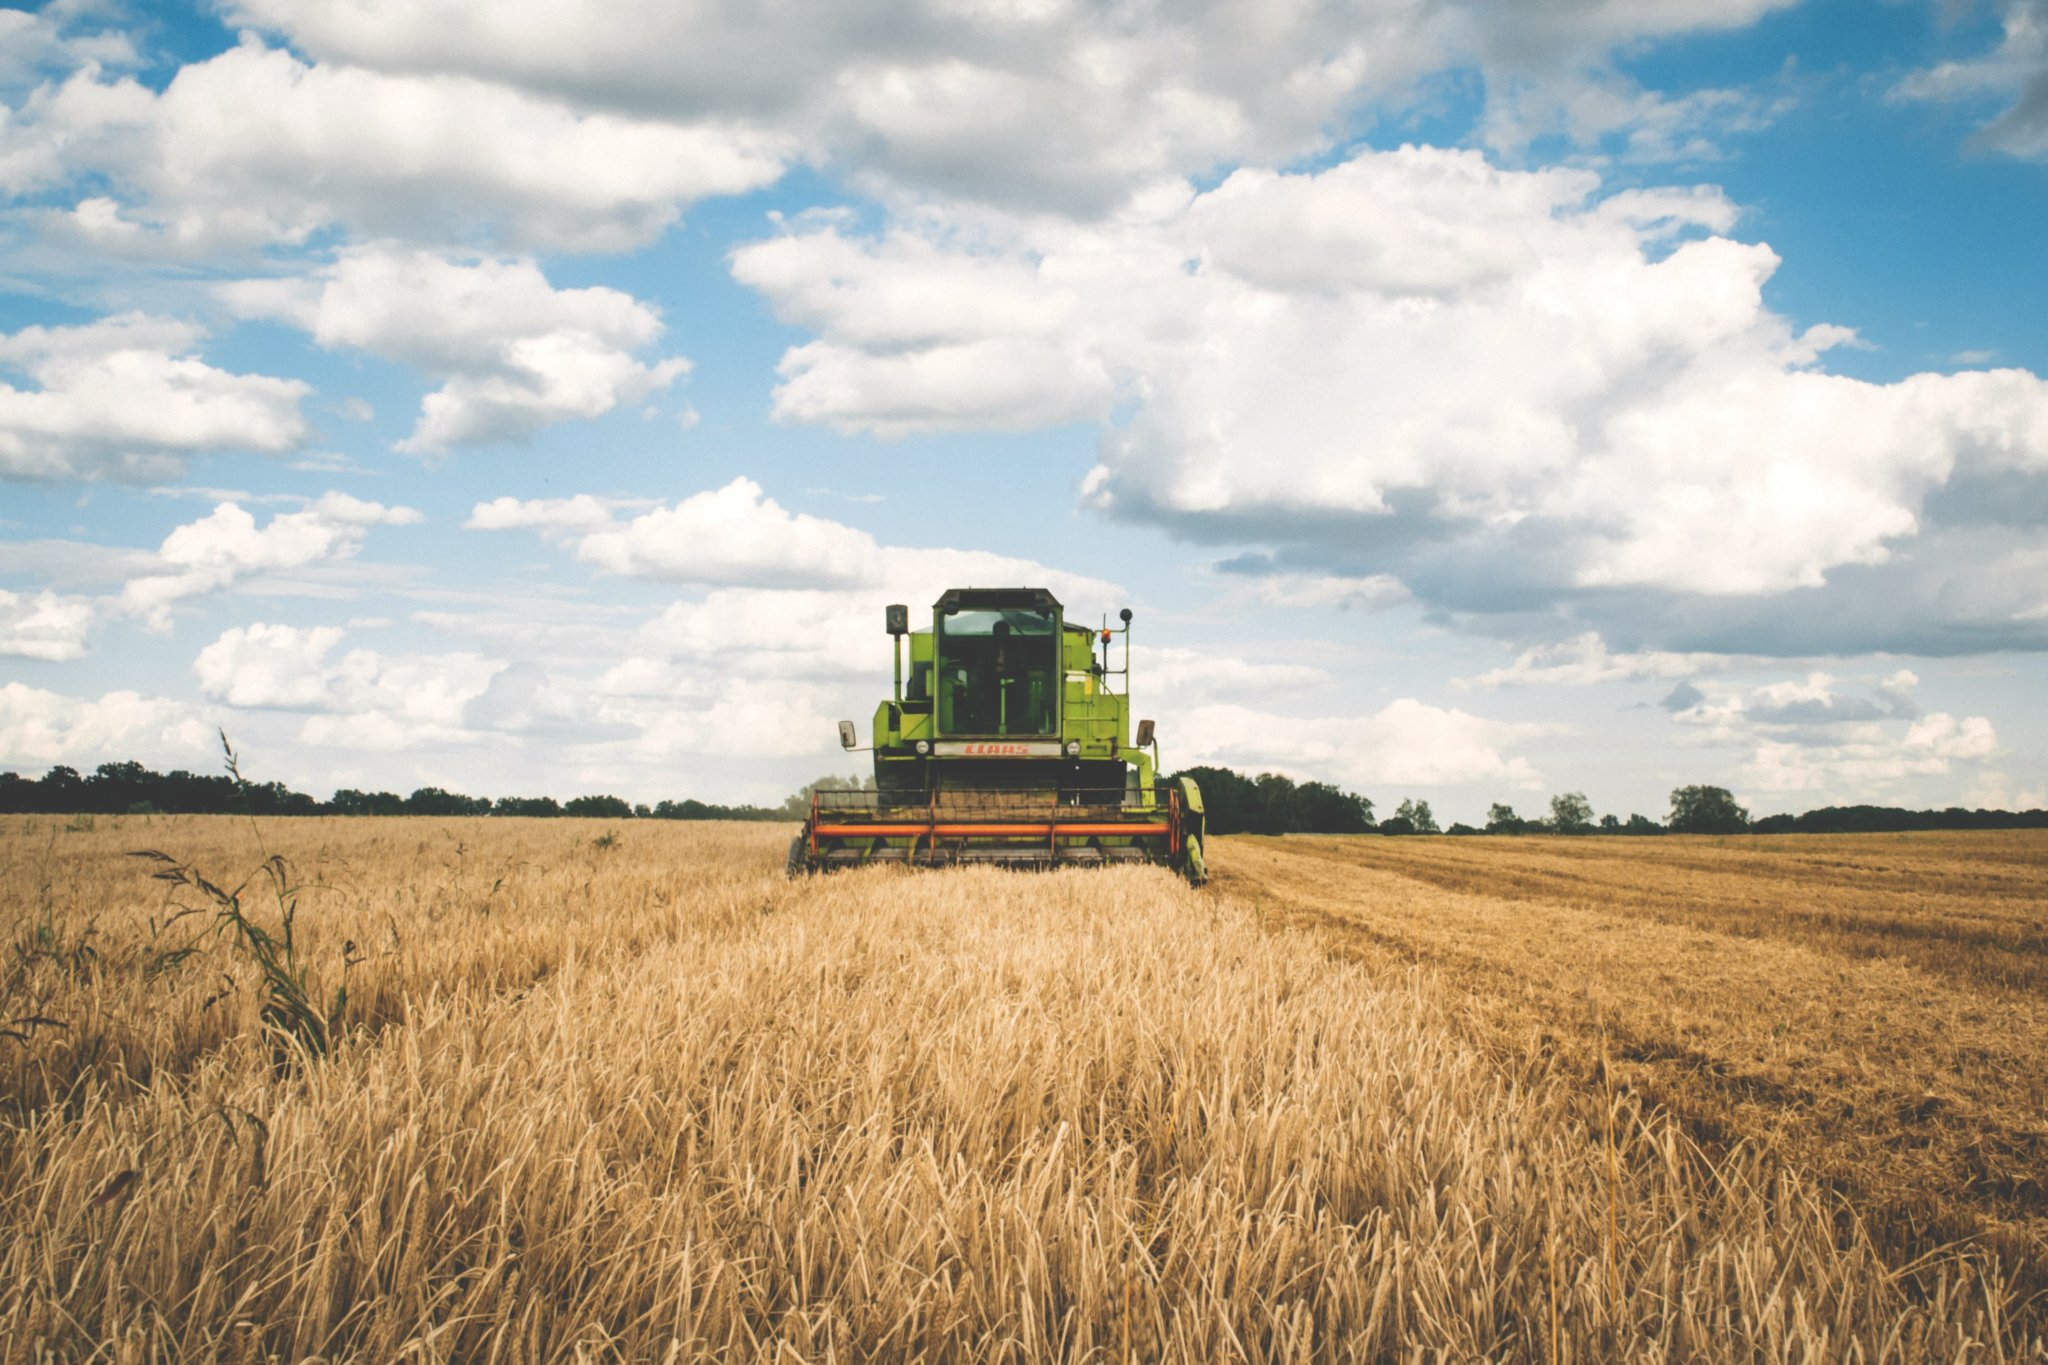 Combine harvester in crop field